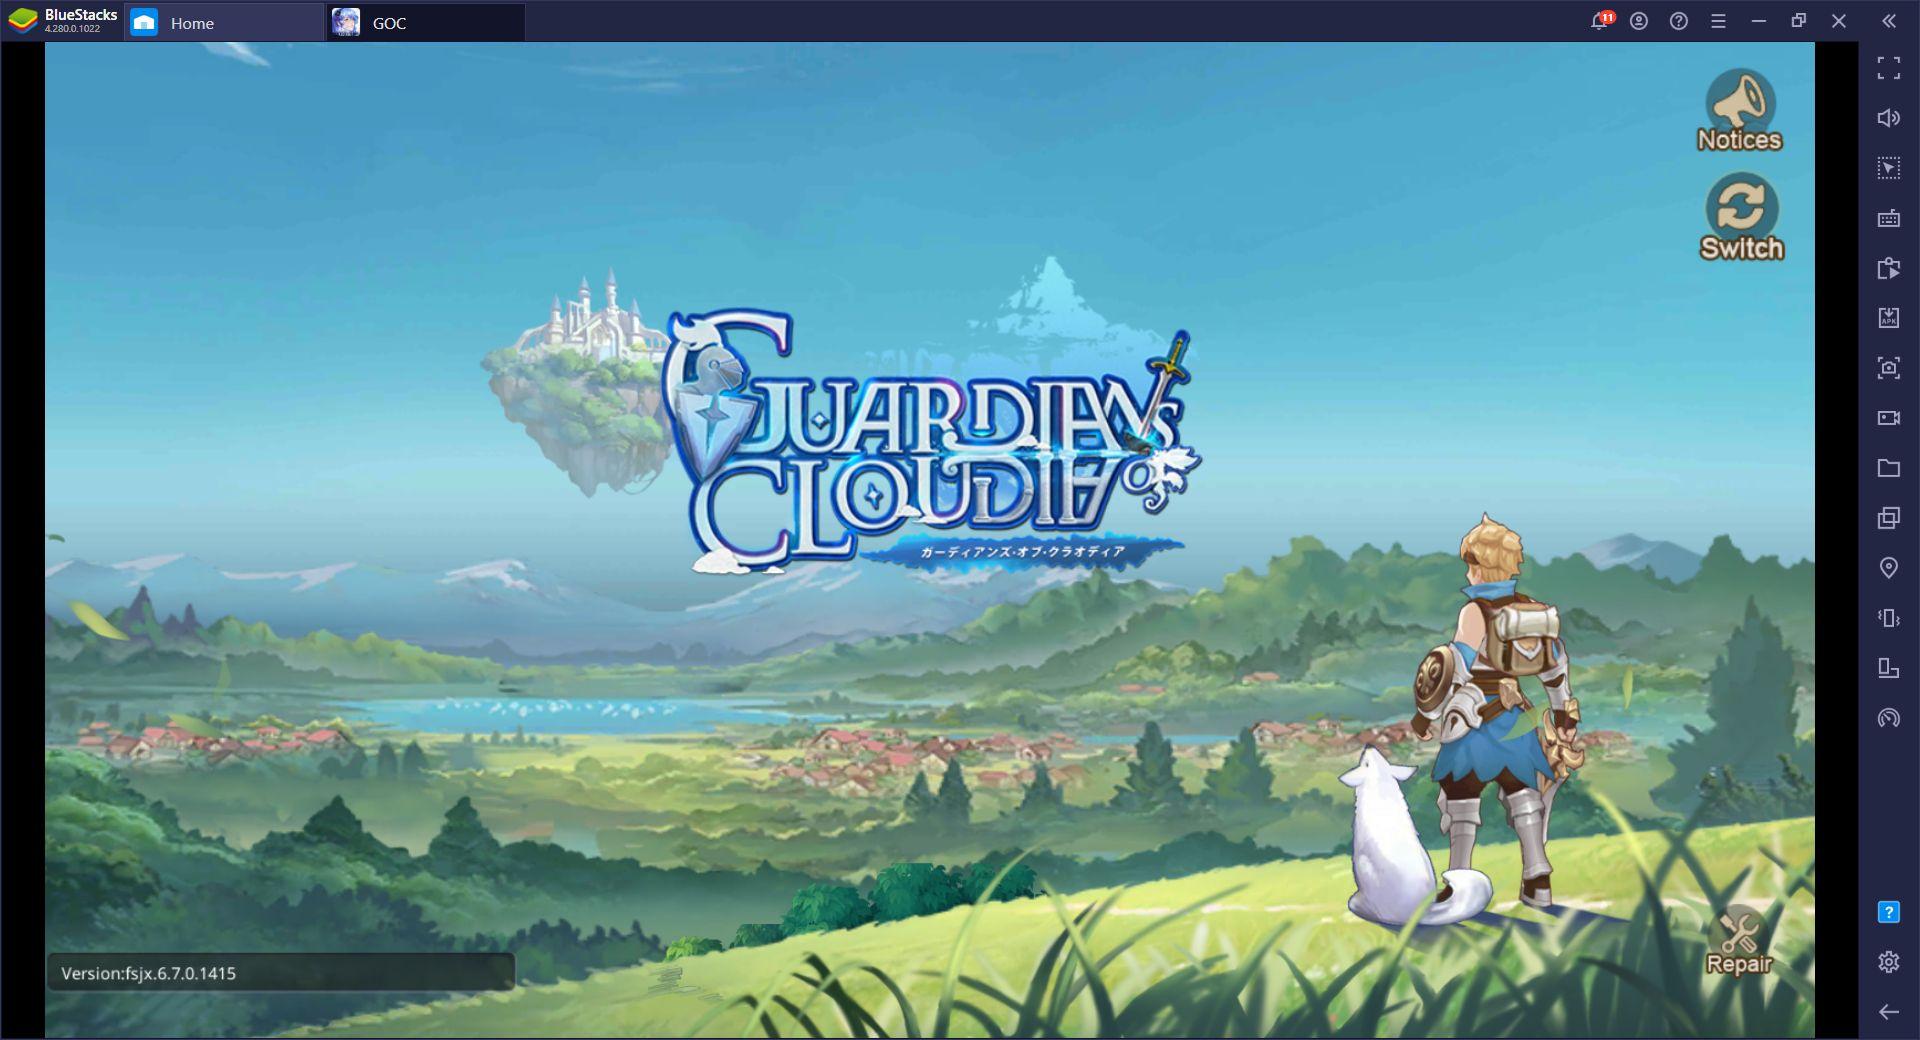 BlueStacks ile Bilgisayarınızda Guardians of Cloudia Oynayın